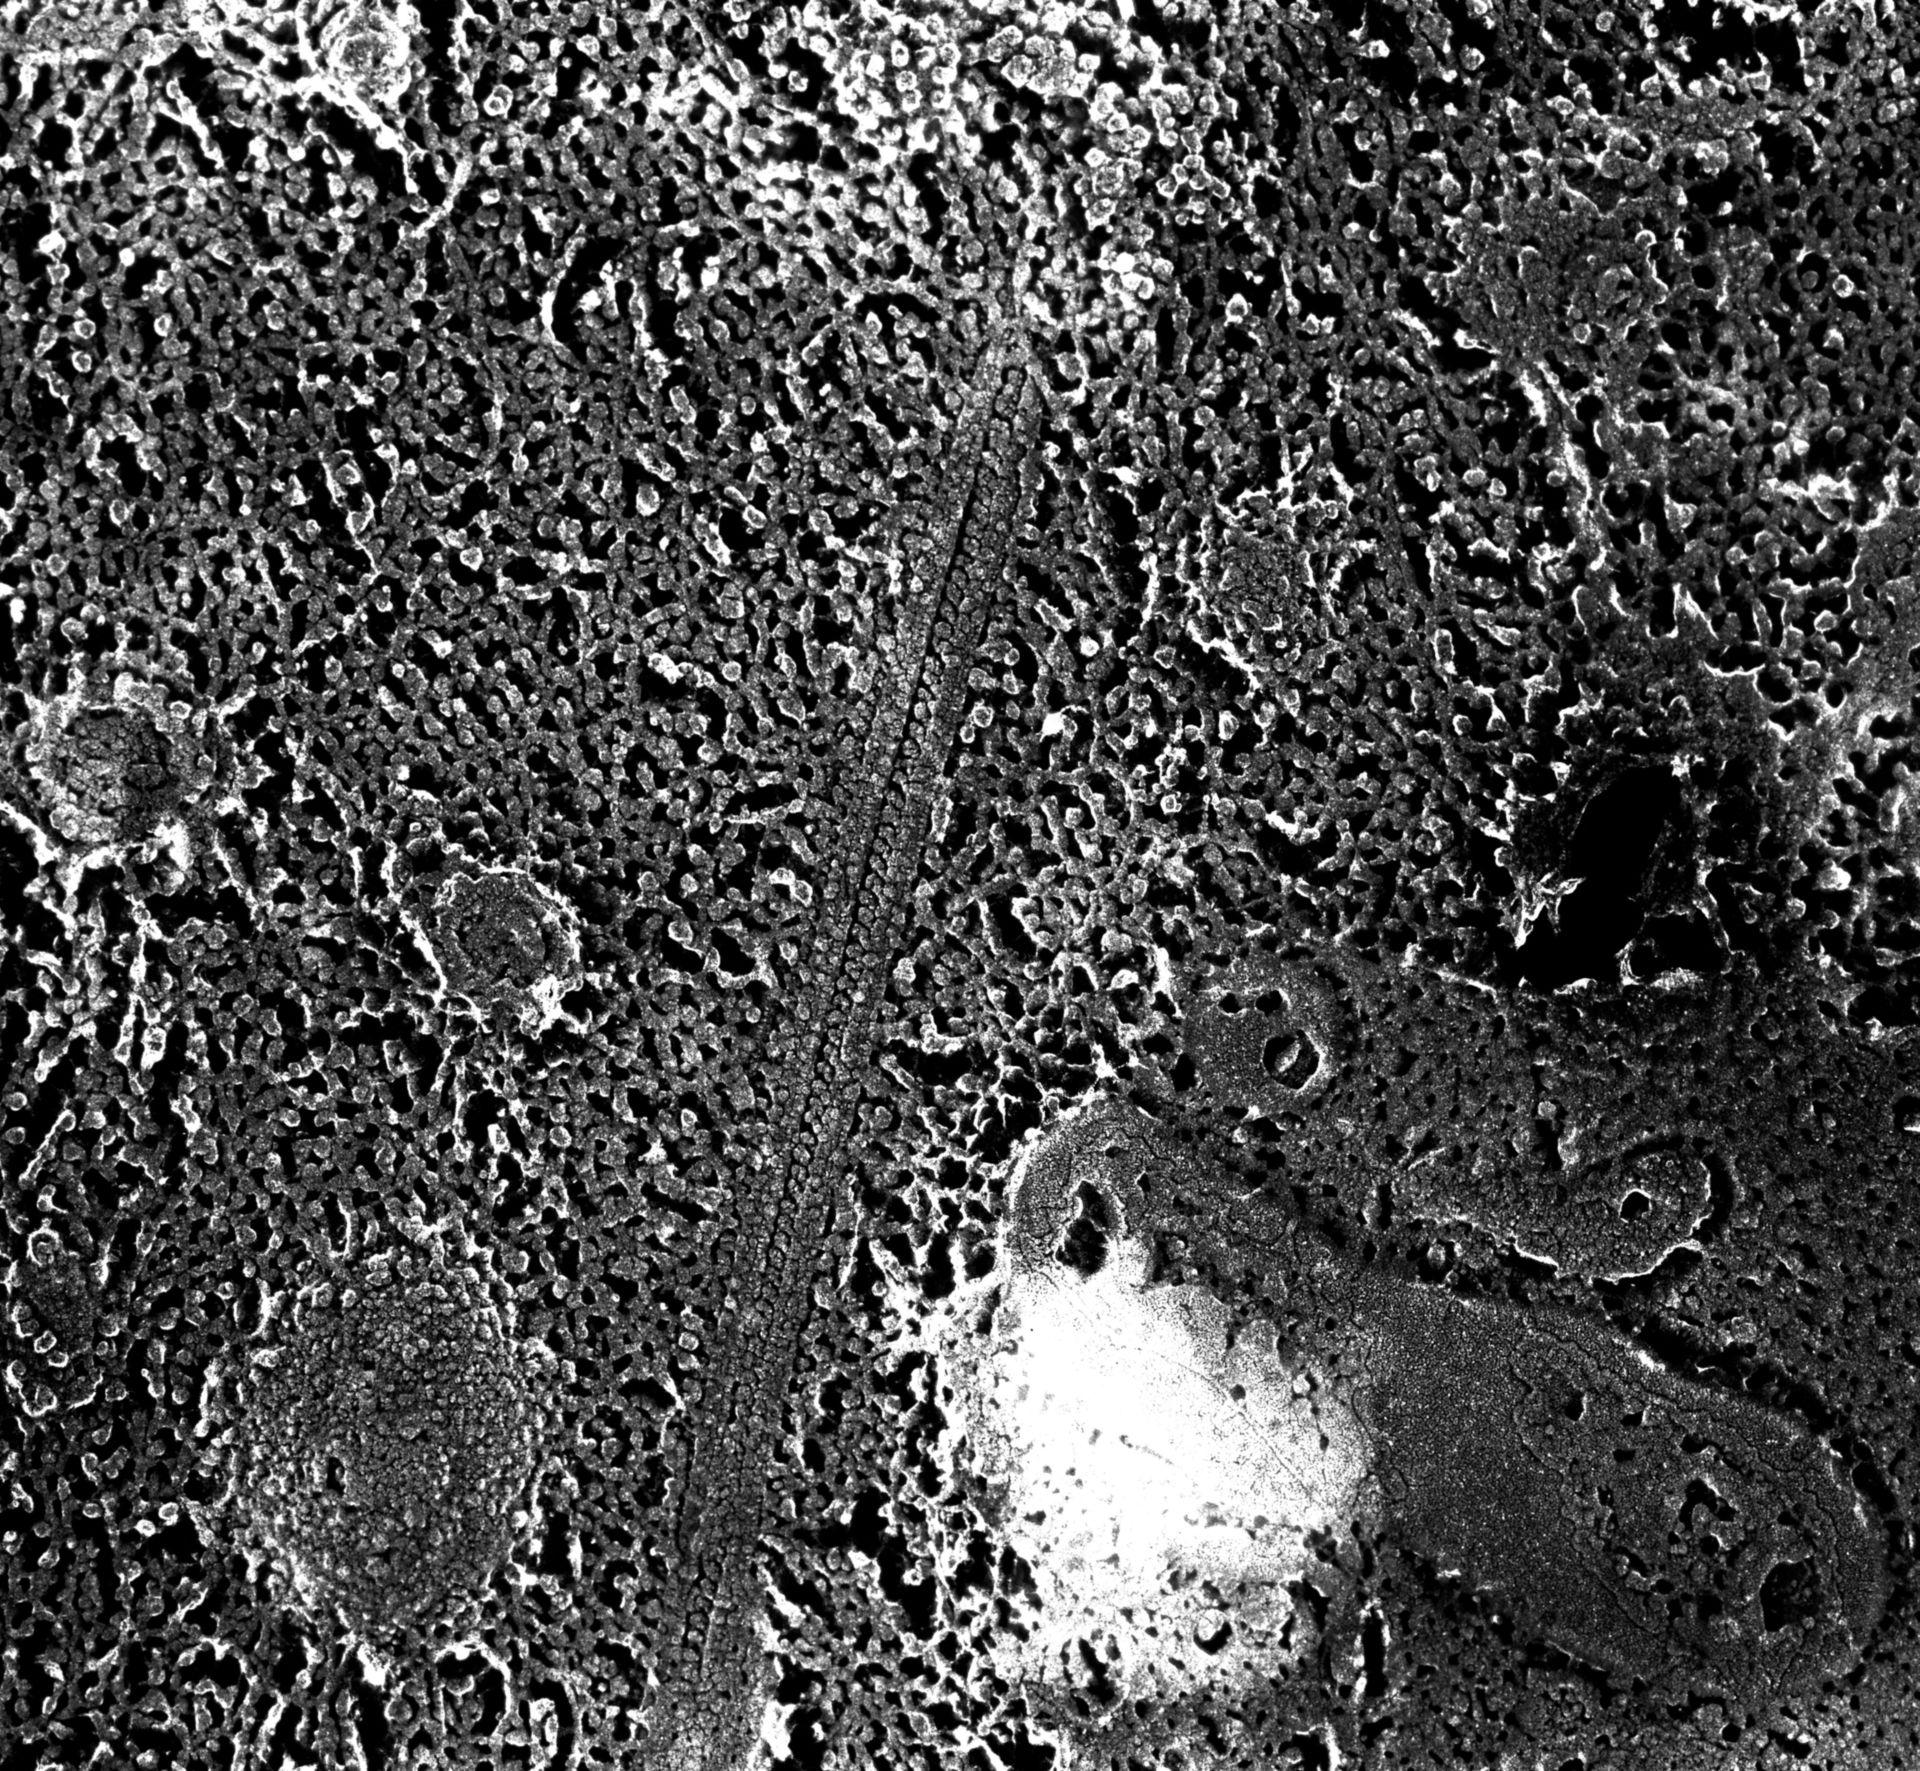 Paramecium multimicronucleatum (microtubuli anexali) - CIL:12036